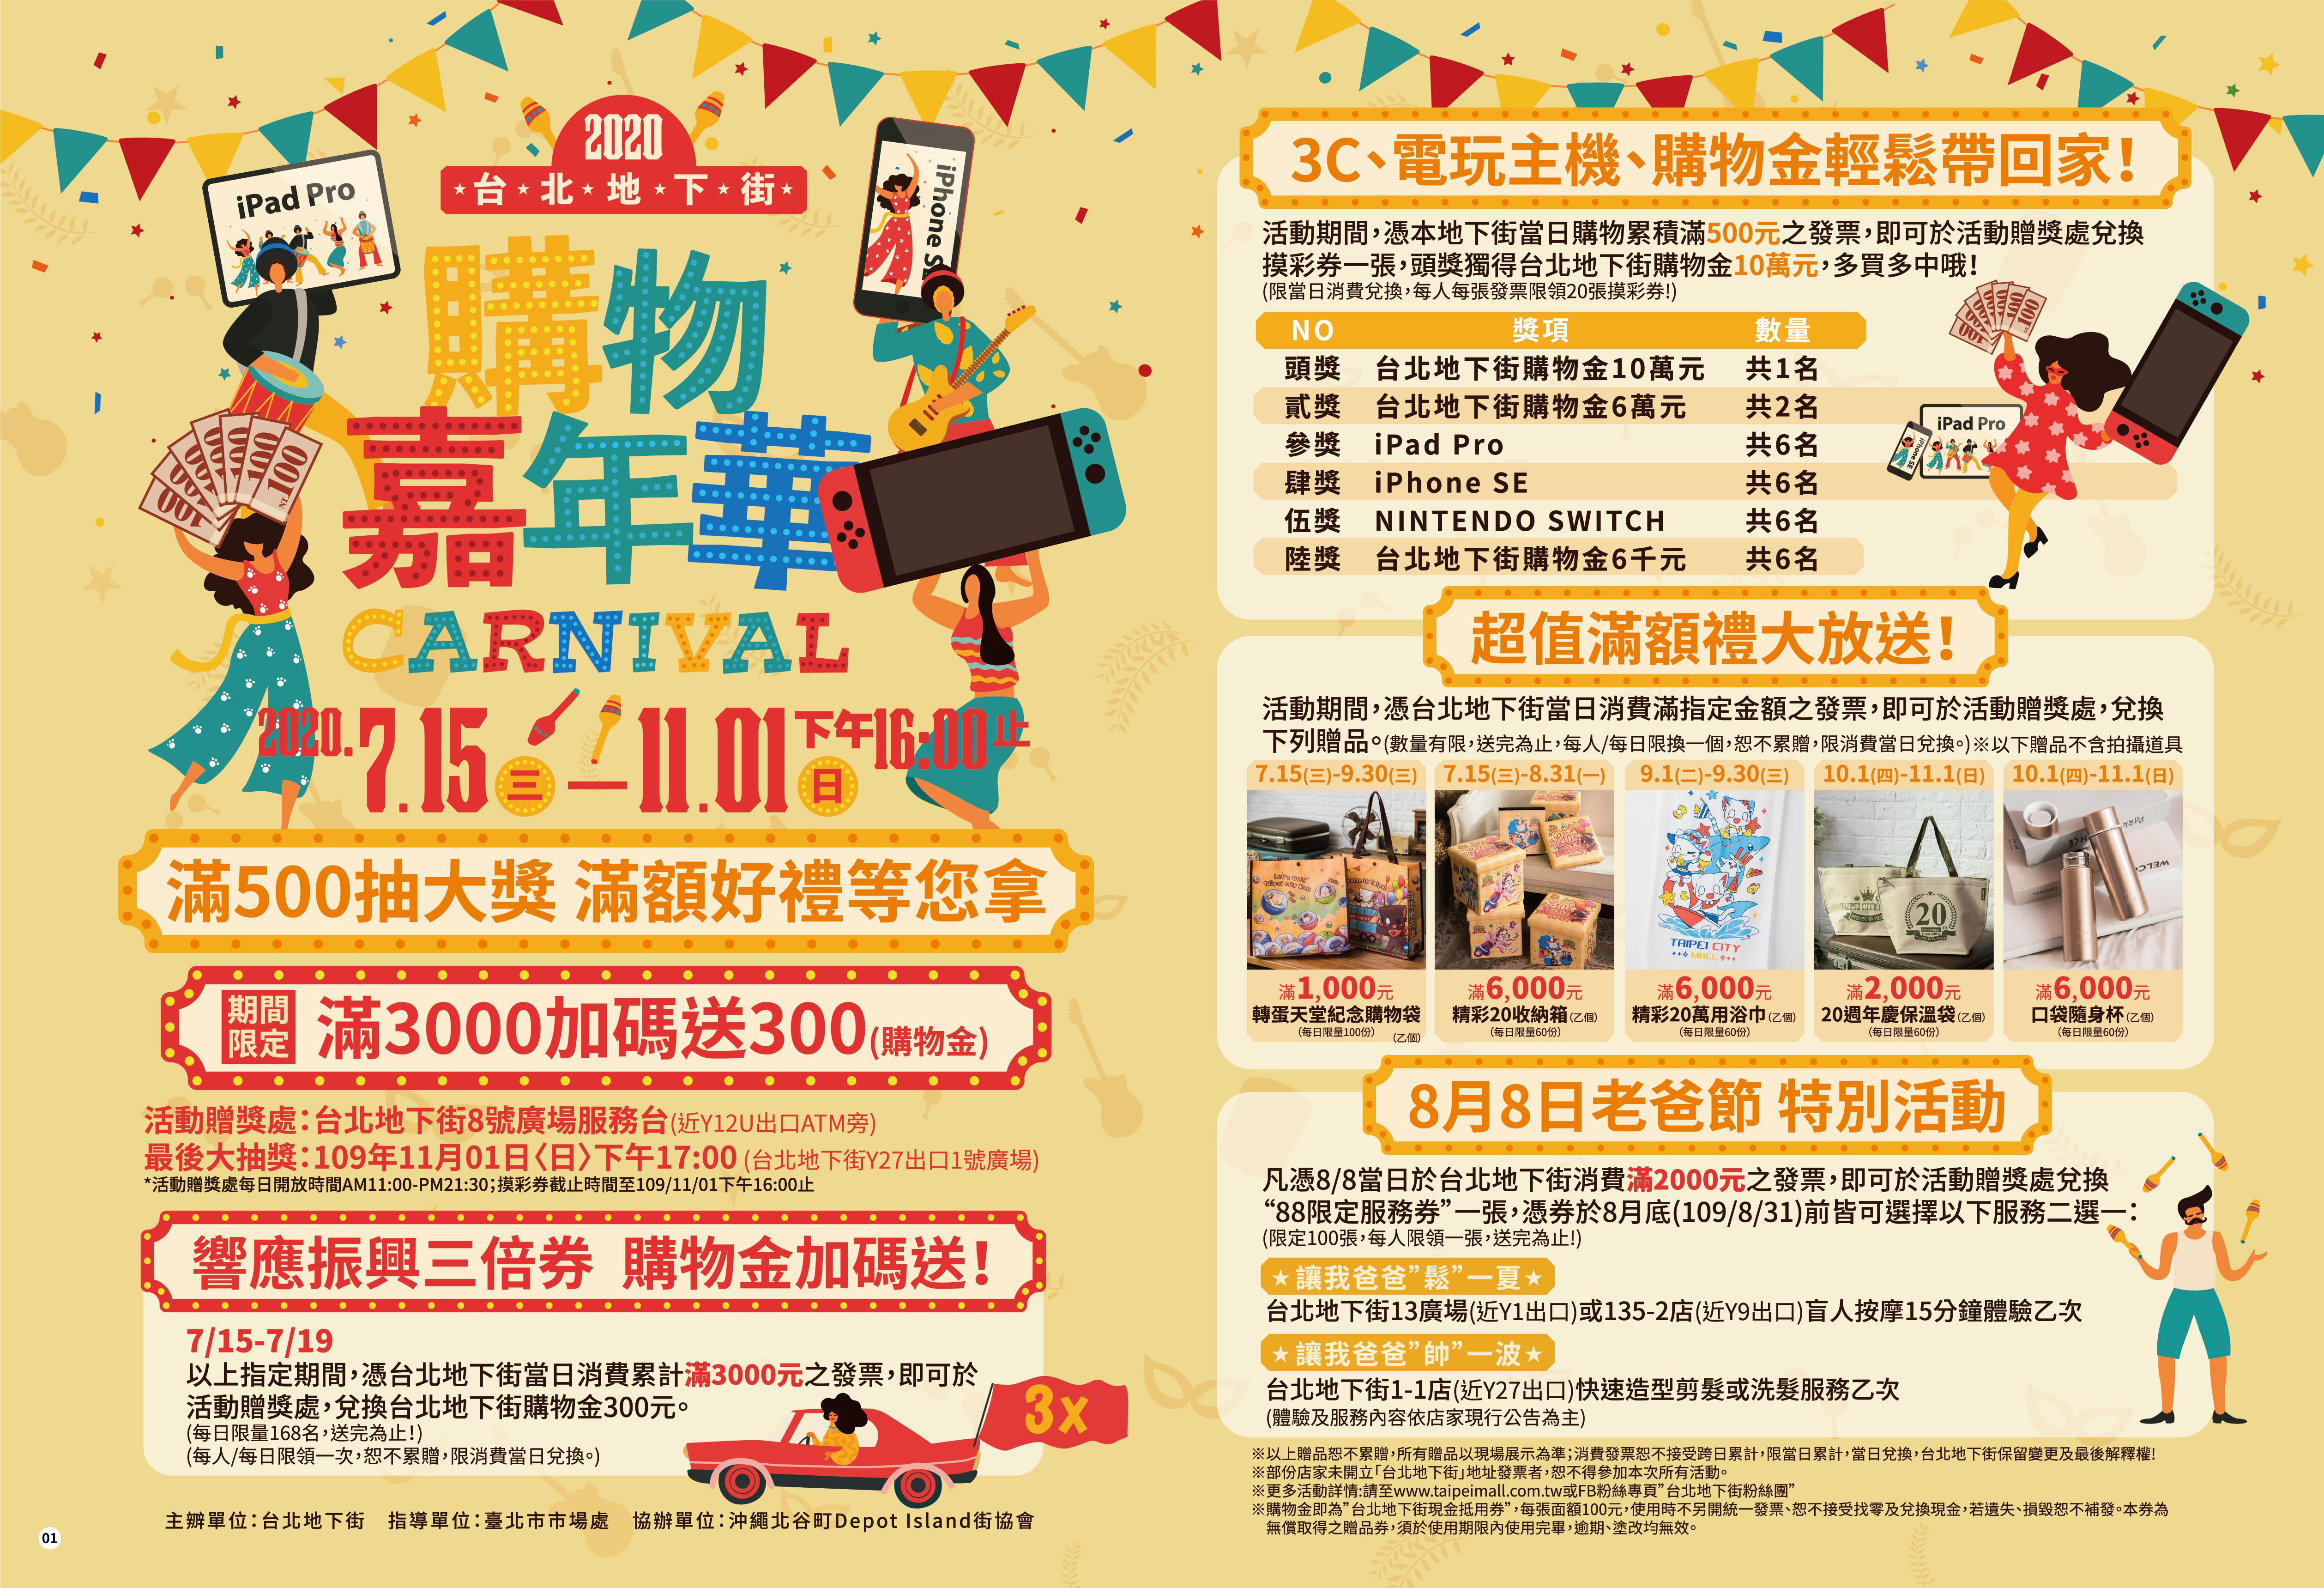 台北地下街購物嘉年華抽獎活動